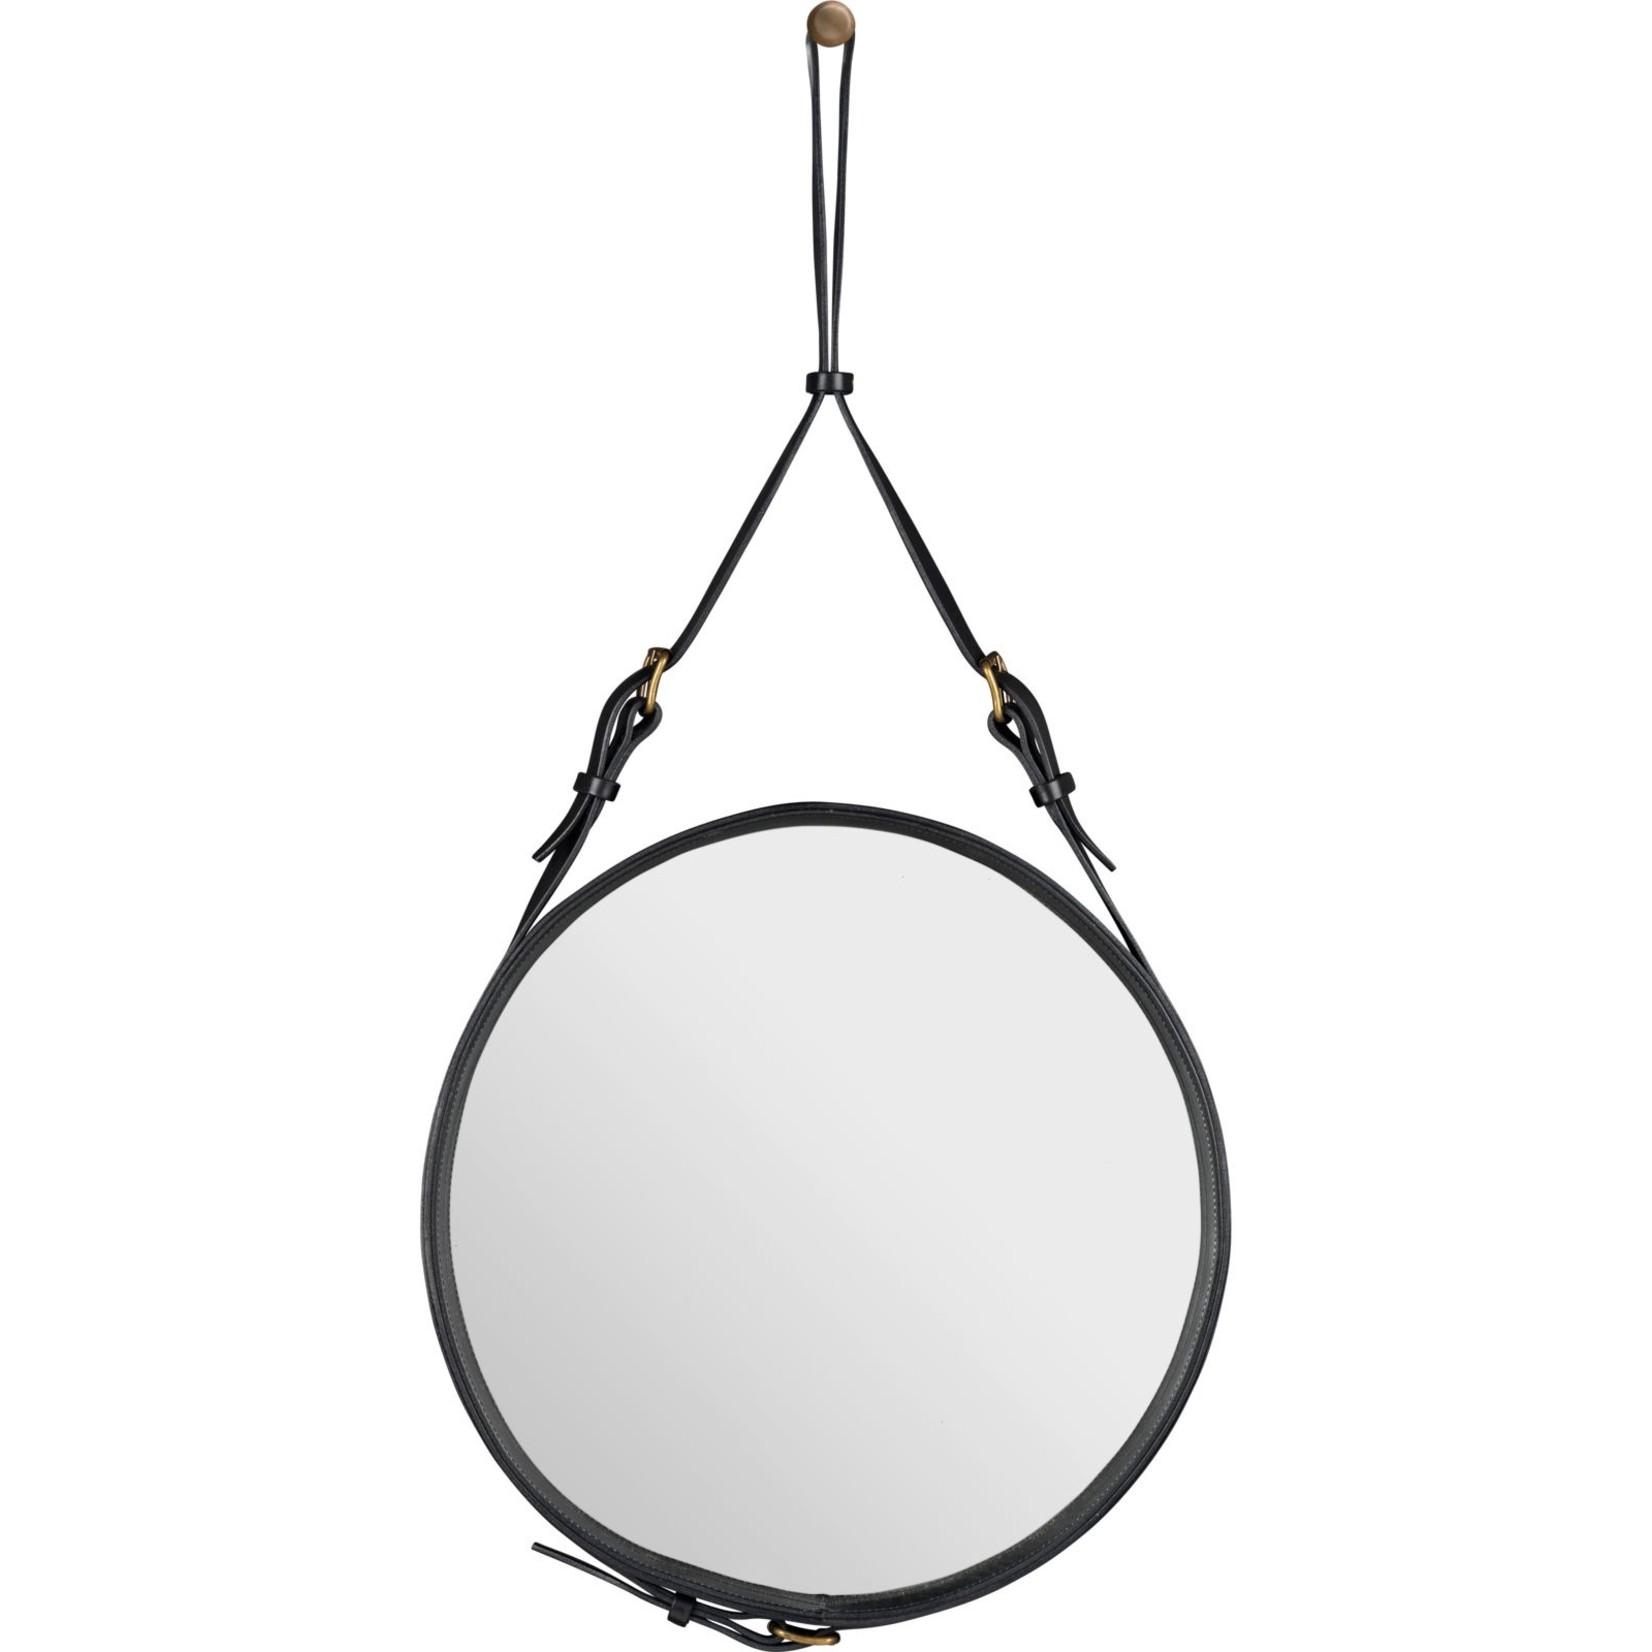 Gubi Wall mirror Adnet - Round - Ø45 - Black Leather